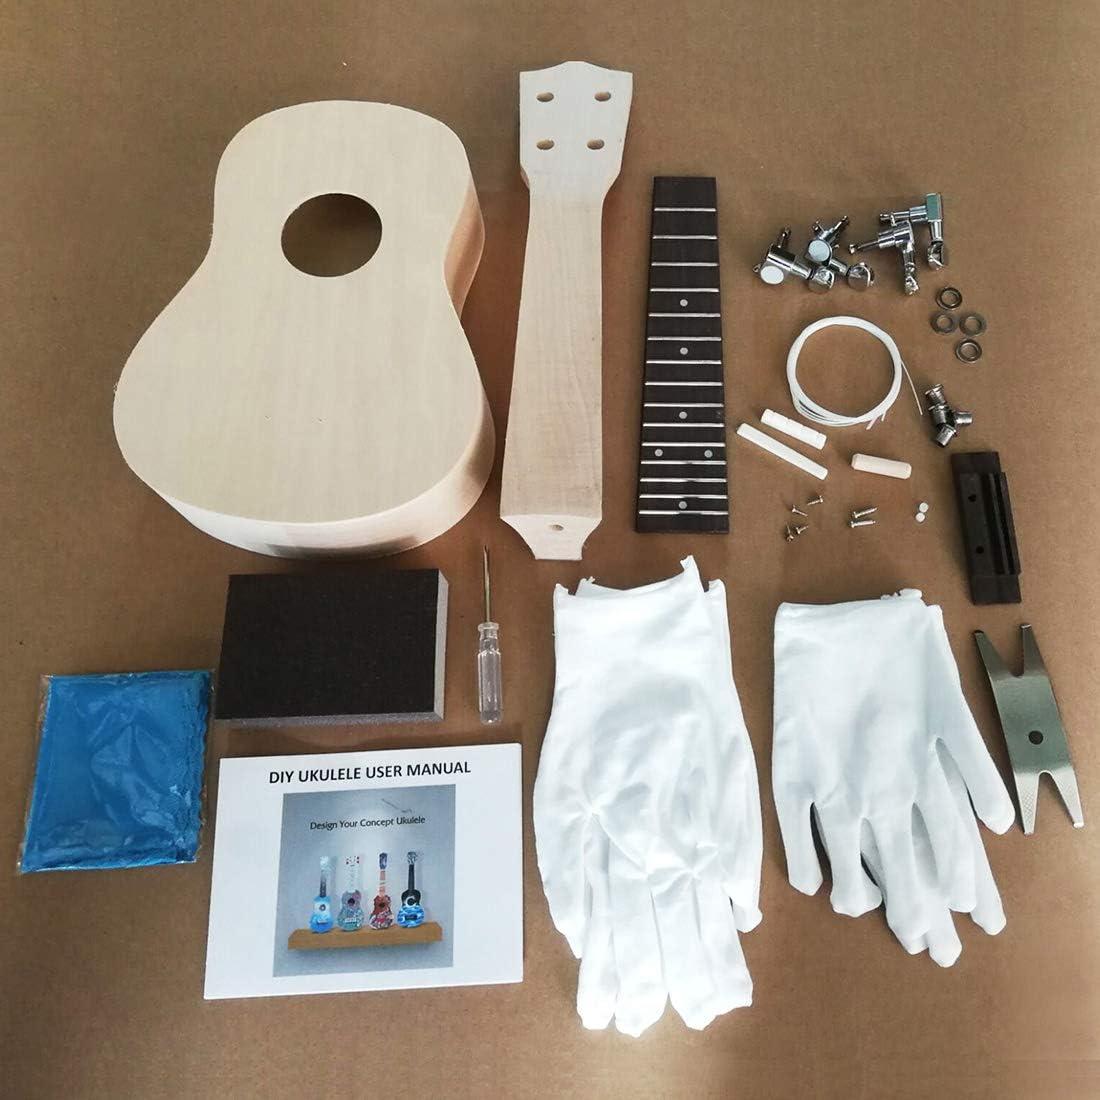 DU-B DIY Ukulele Kit Make Your Own Ukulele Soprano Hawaii Ukulele ...